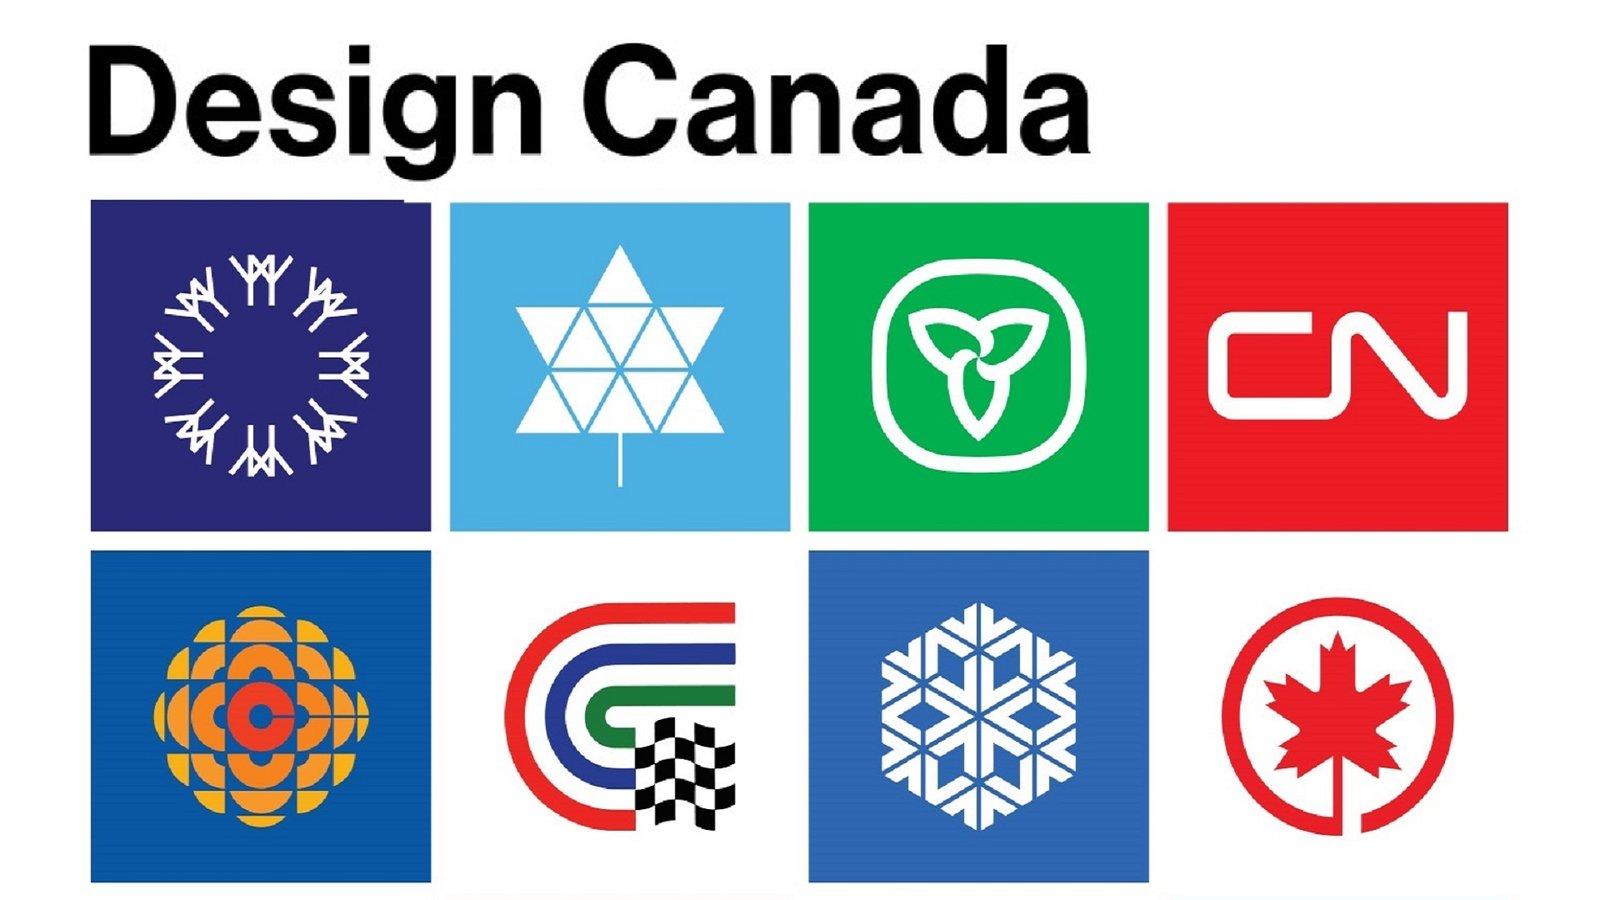 Design Canada - The History of Graphic Design in Canada